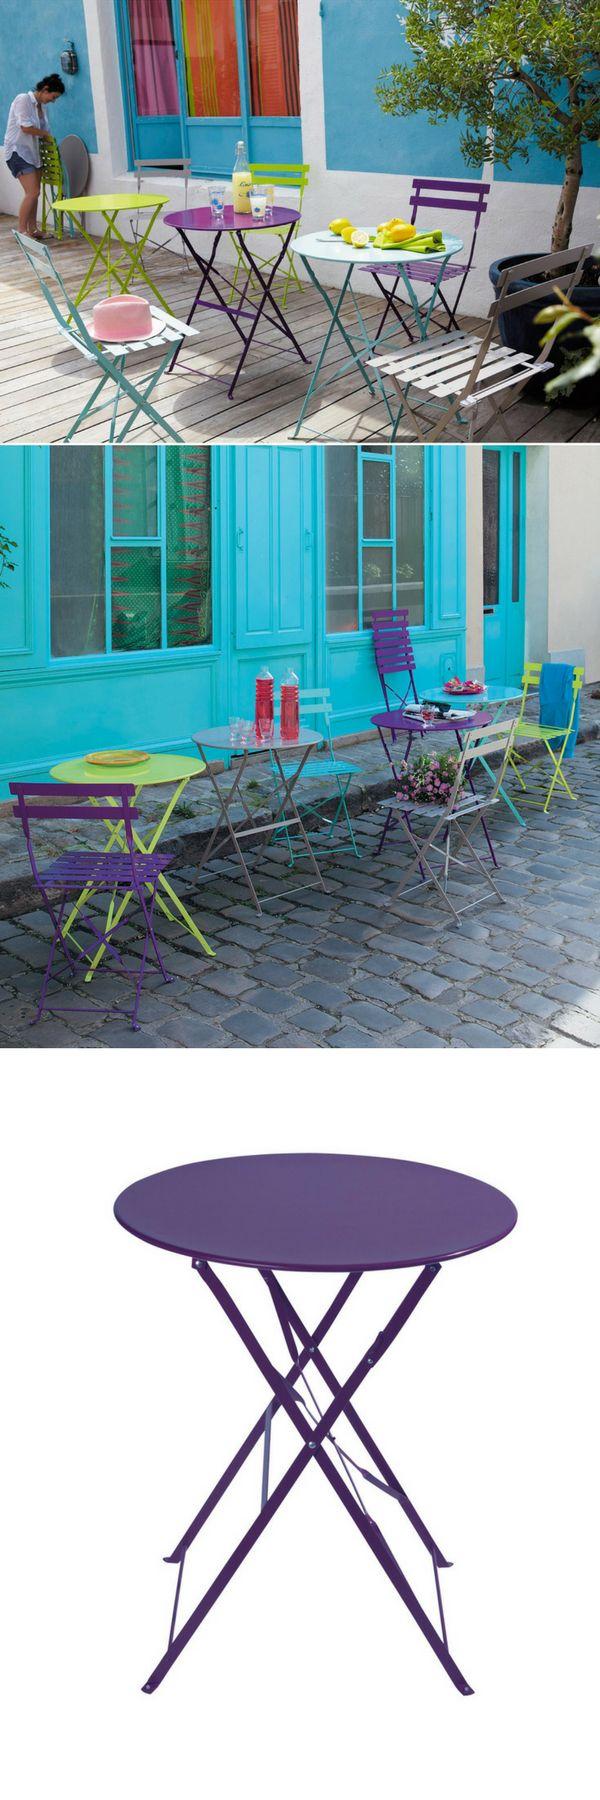 Les 25 meilleures id es de la cat gorie table pliante sur pinterest meubles intelligents - Meilleures tables du monde ...